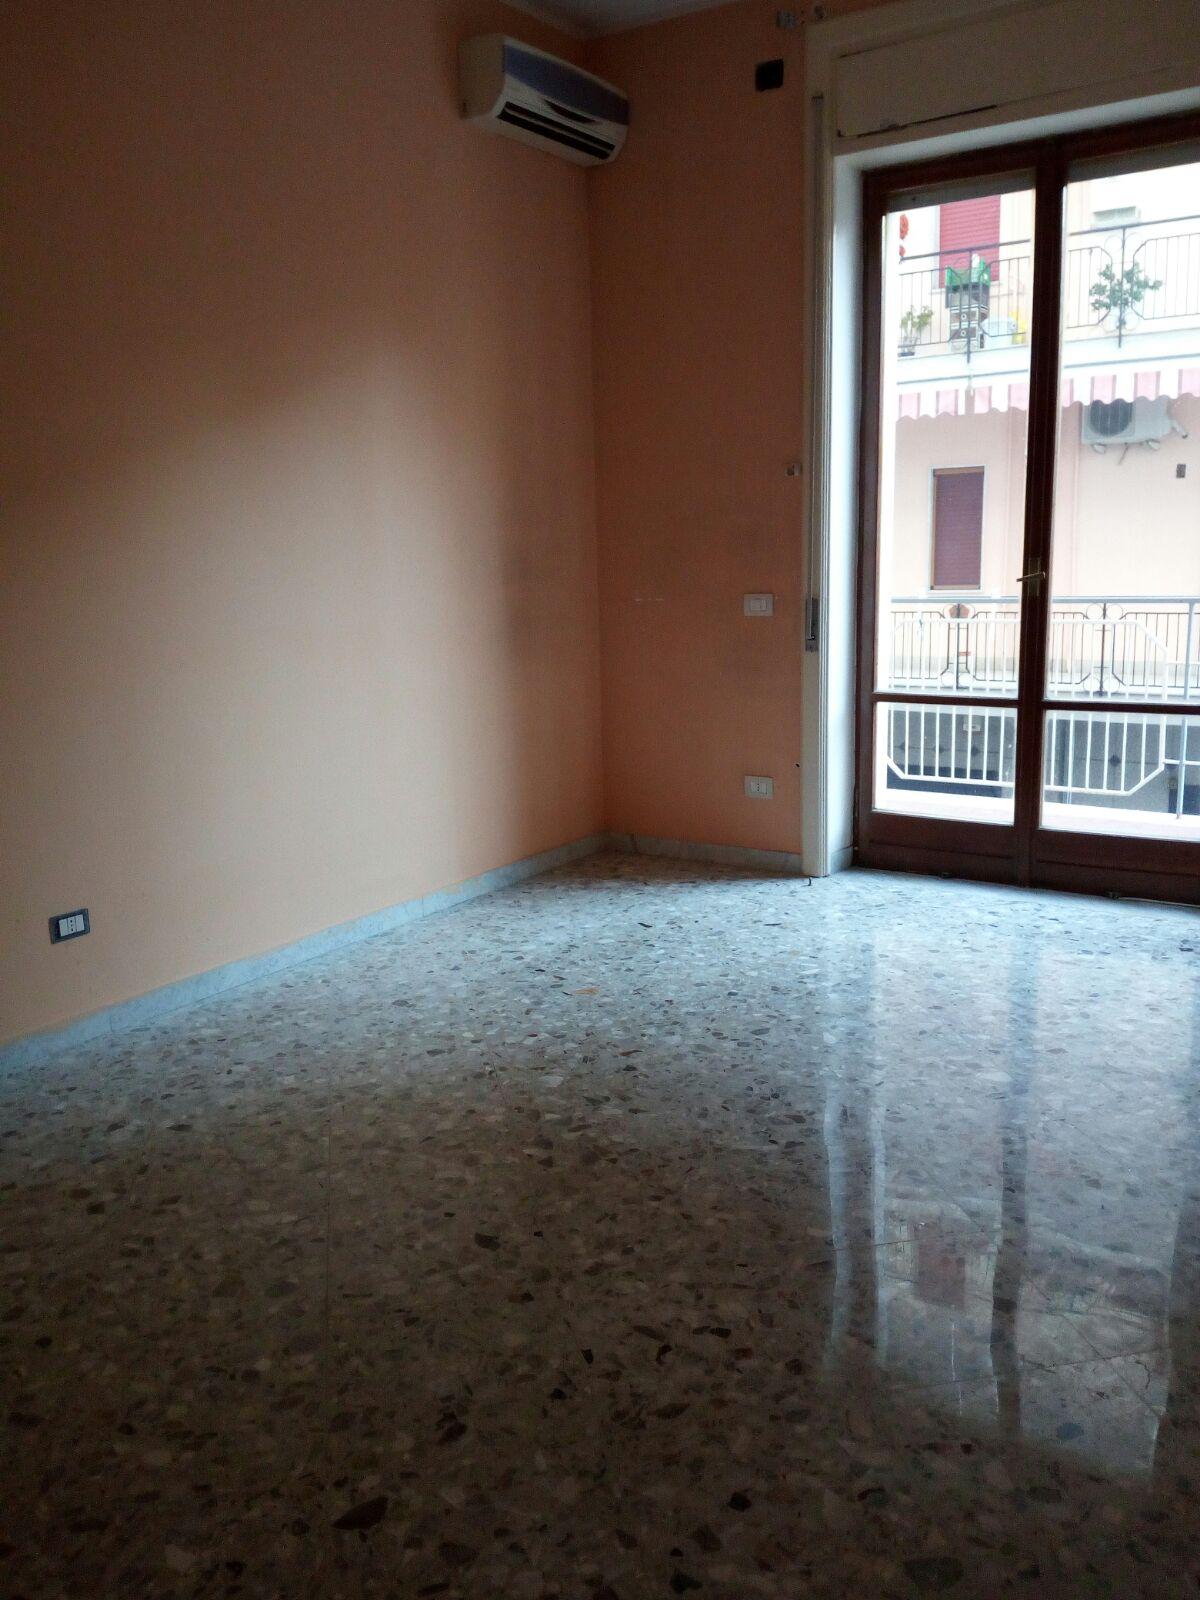 Appartamento in affitto a San Giuseppe Vesuviano, 4 locali, prezzo € 400 | Cambio Casa.it